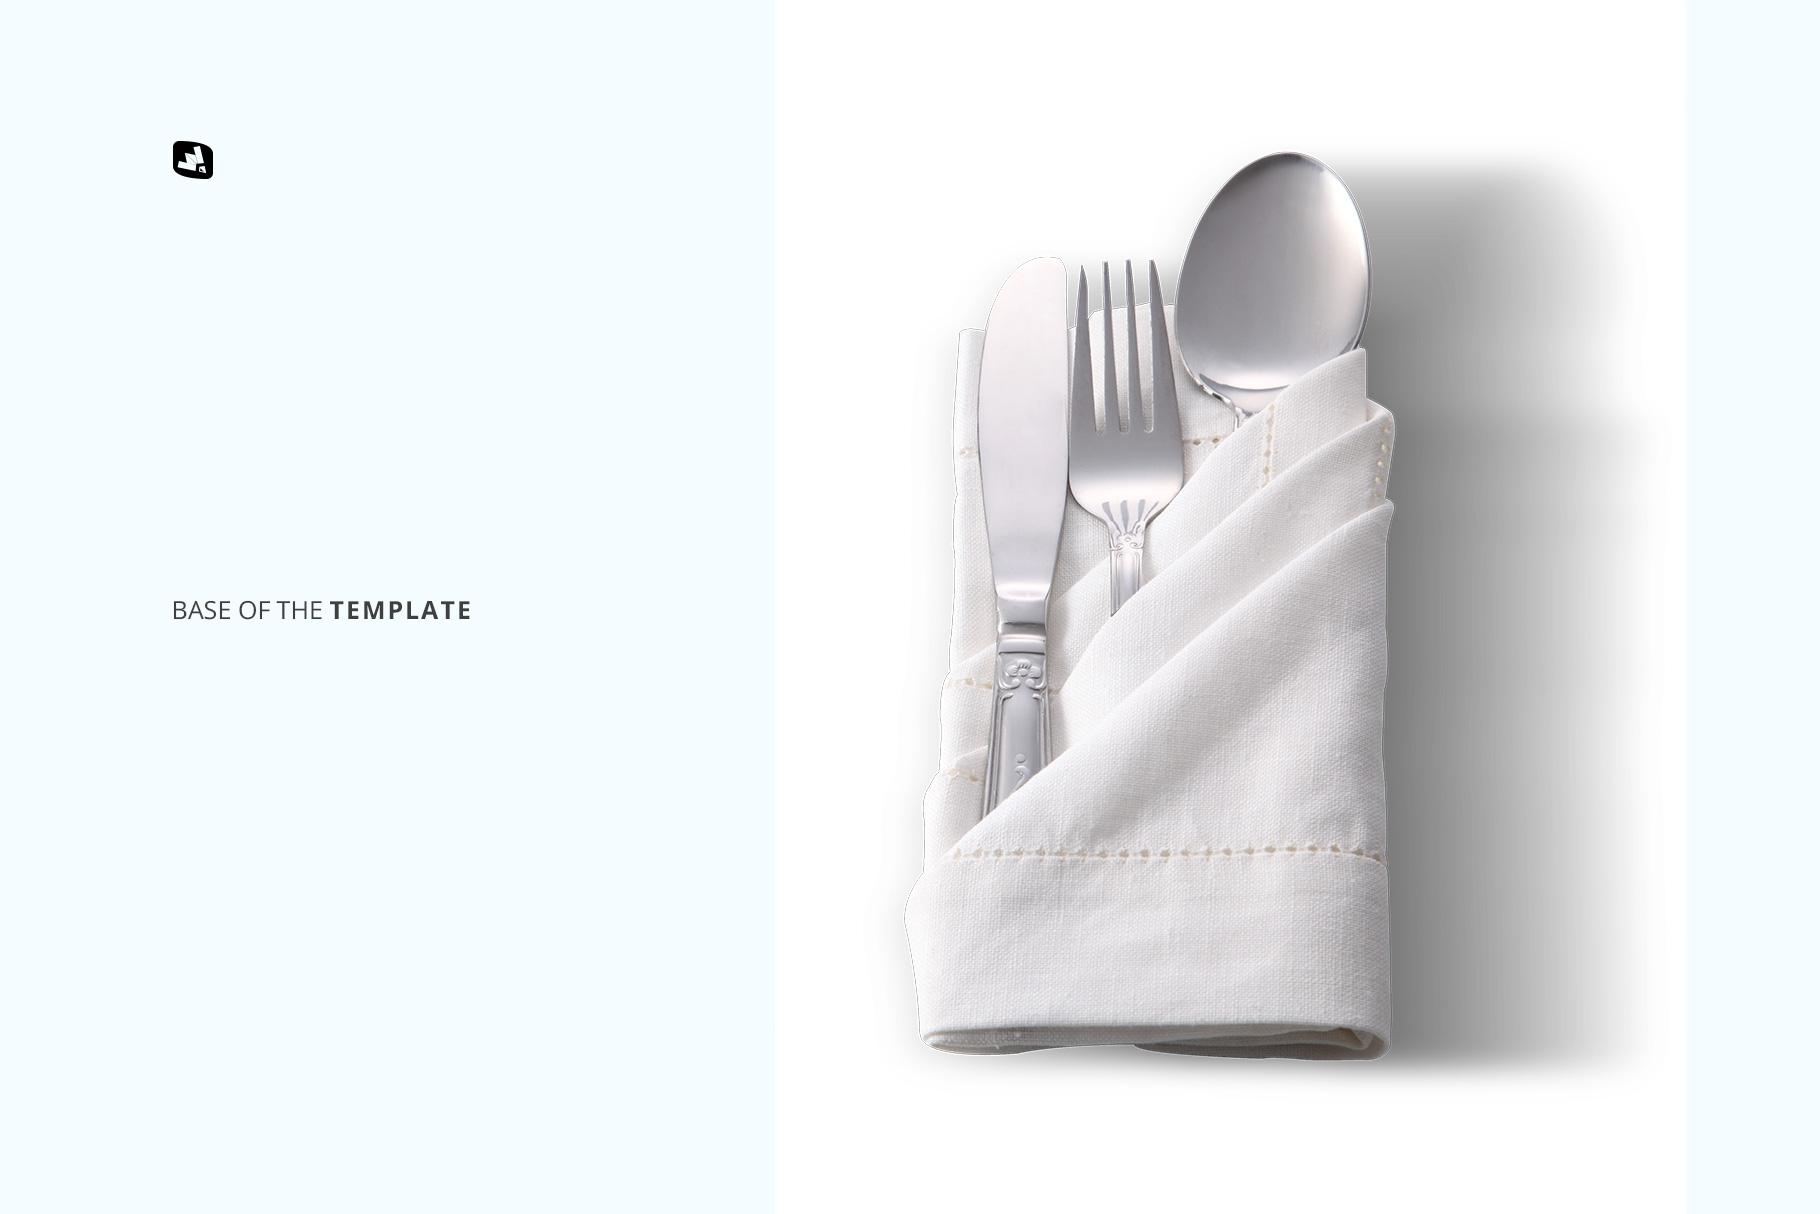 base image of the folded napkin with utensils mockup